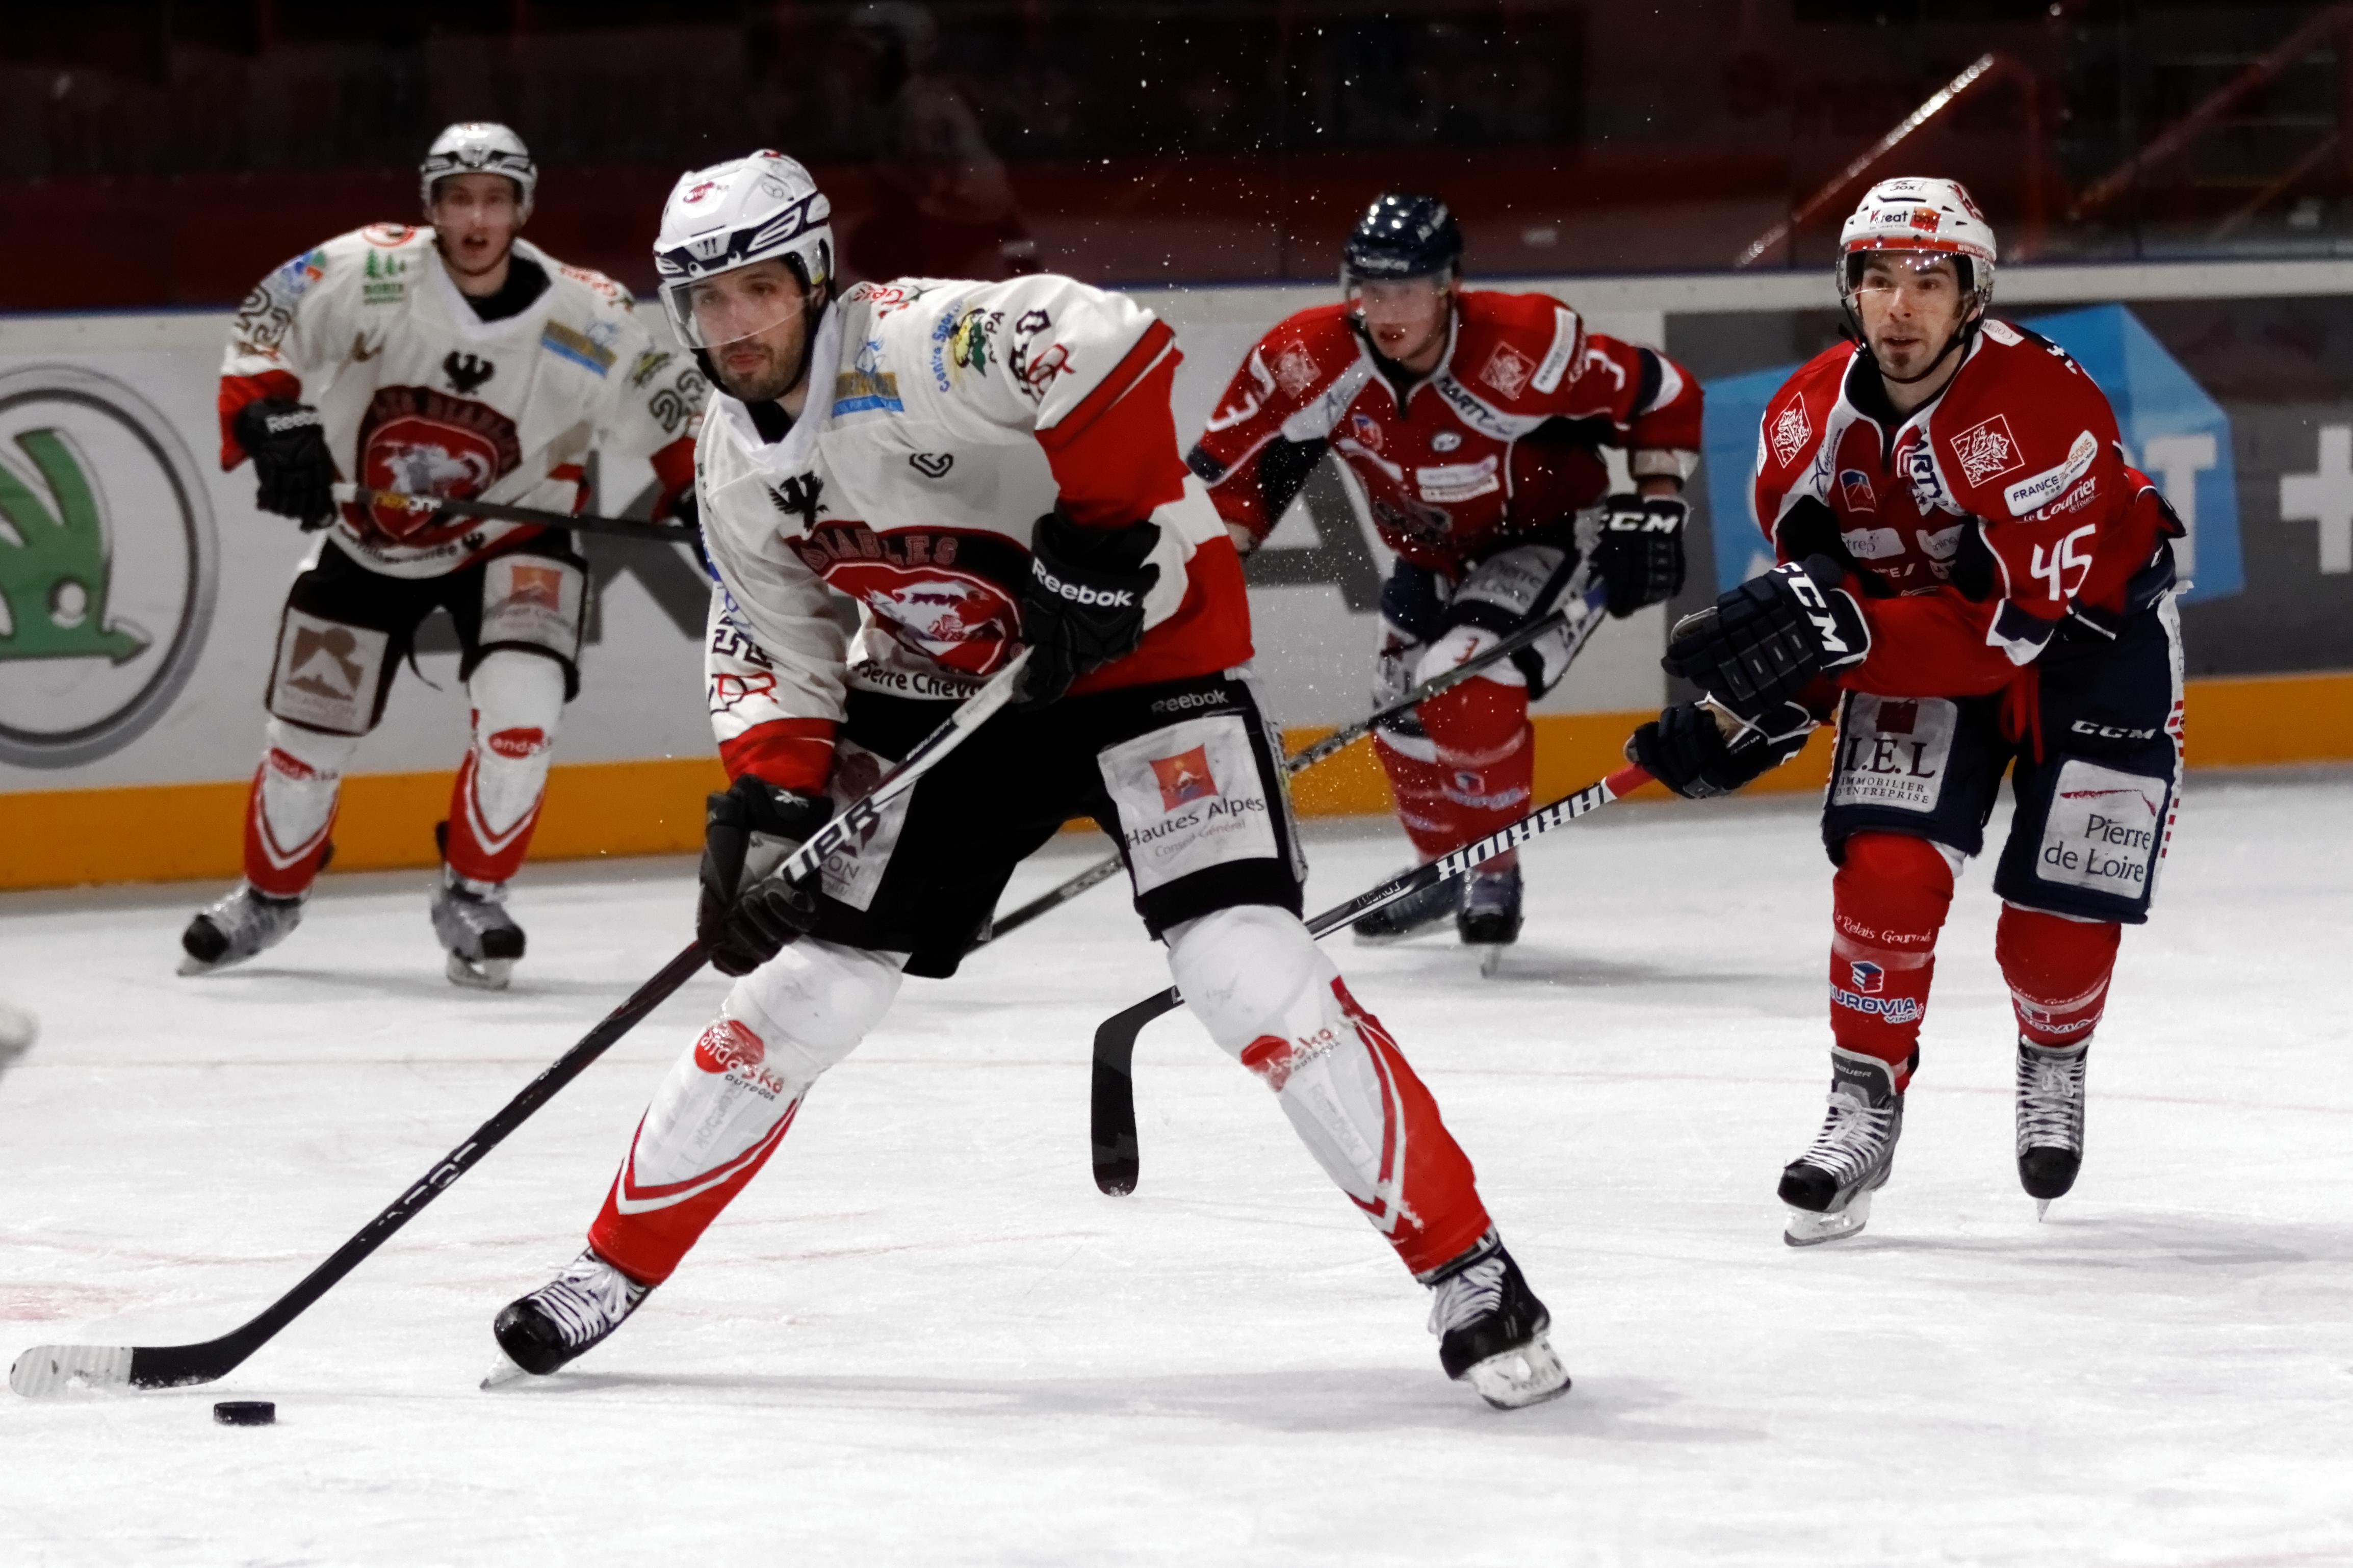 File:Finale de la coupe de France de Hockey sur glace 2013 ... Hockey